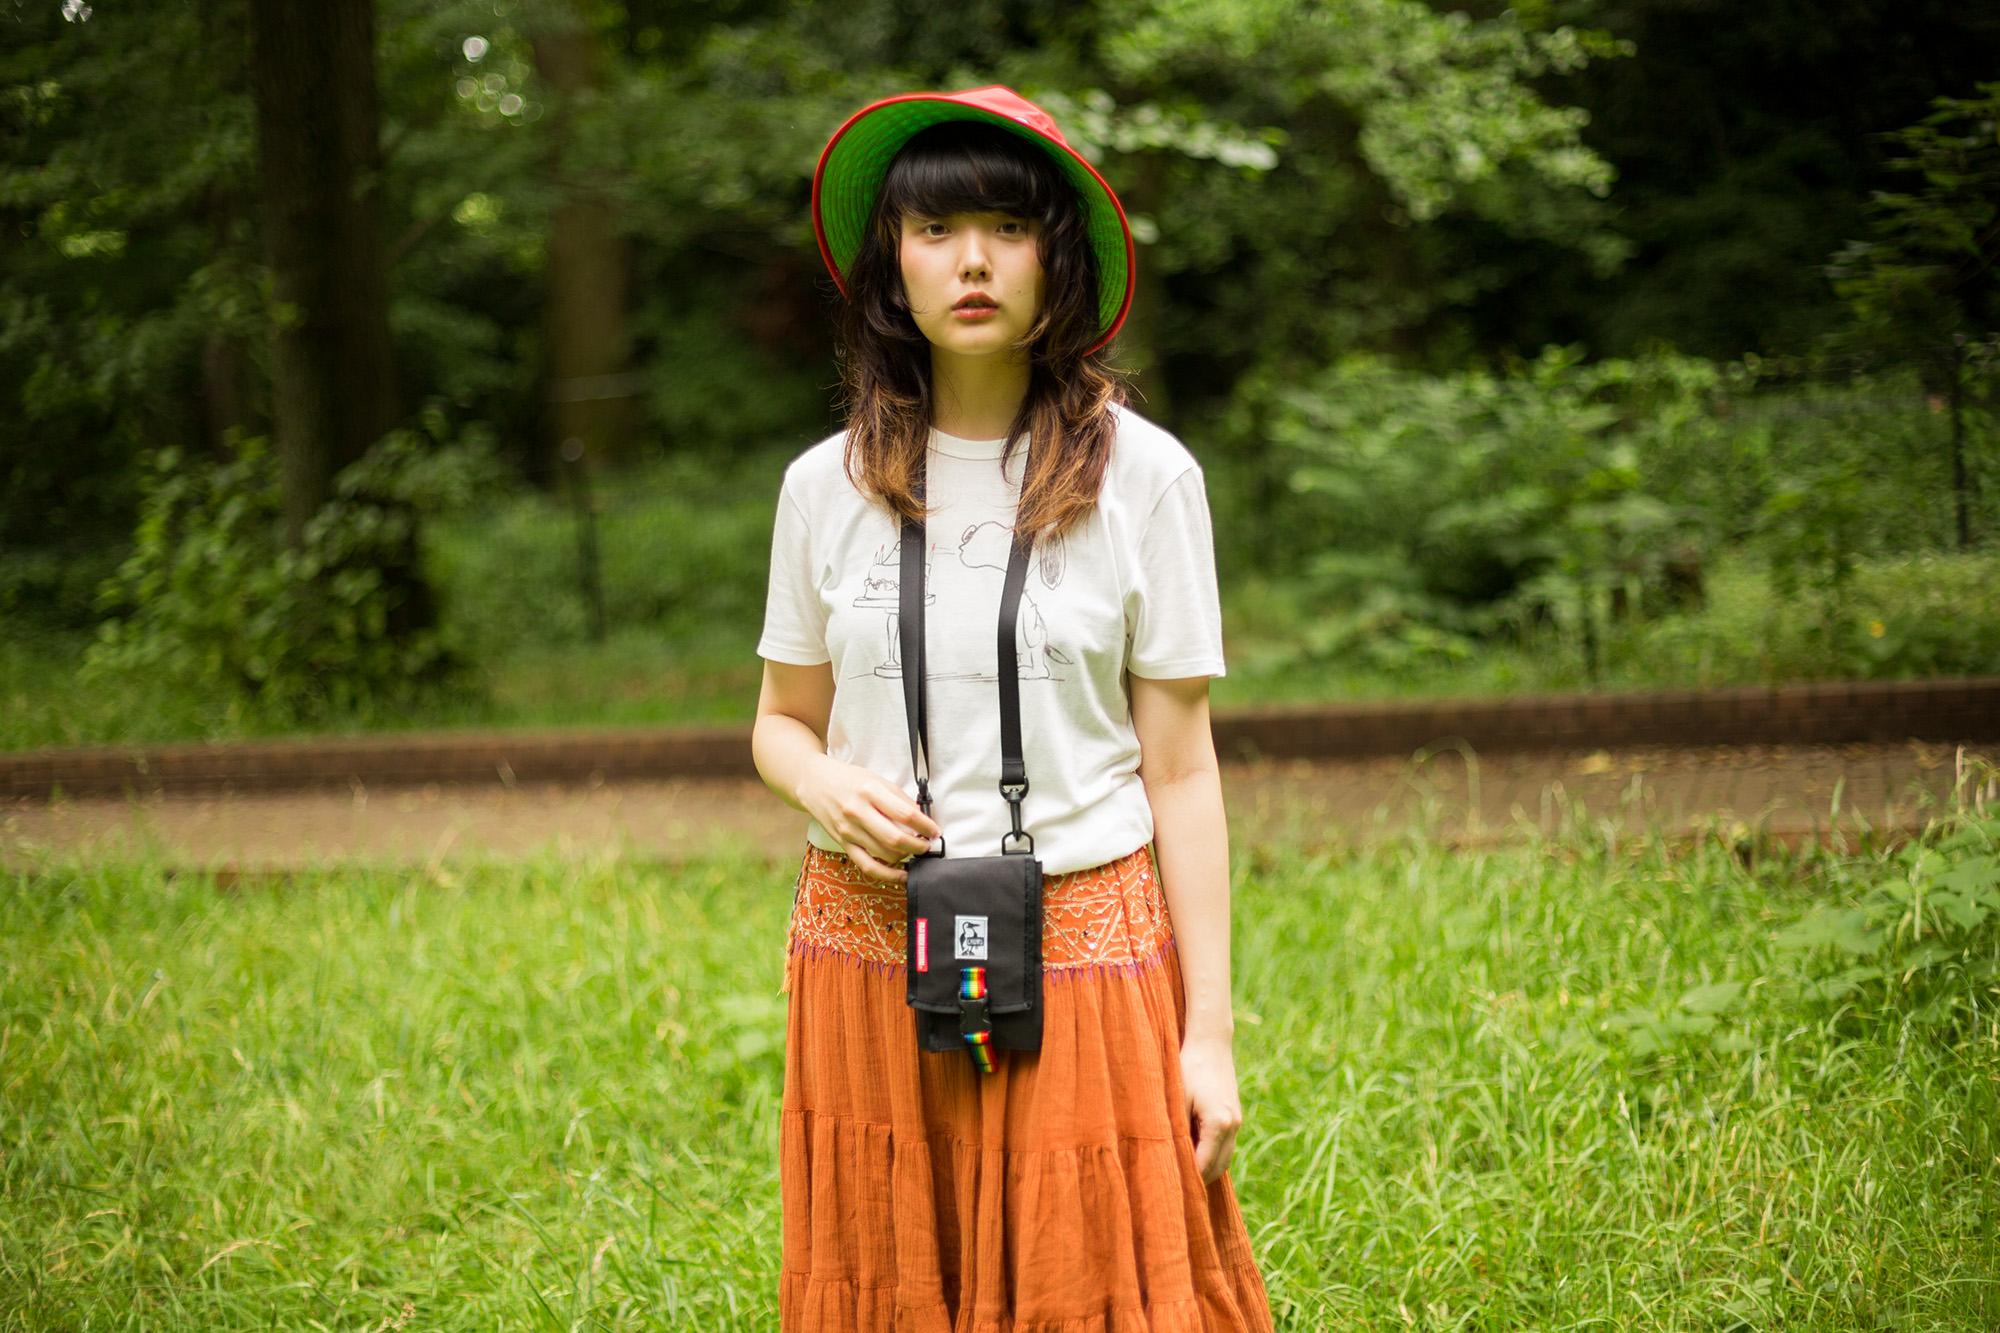 【フェスファッション】フジロックにも着ていきたい!2016年、夏フェスコーデ R7A3946